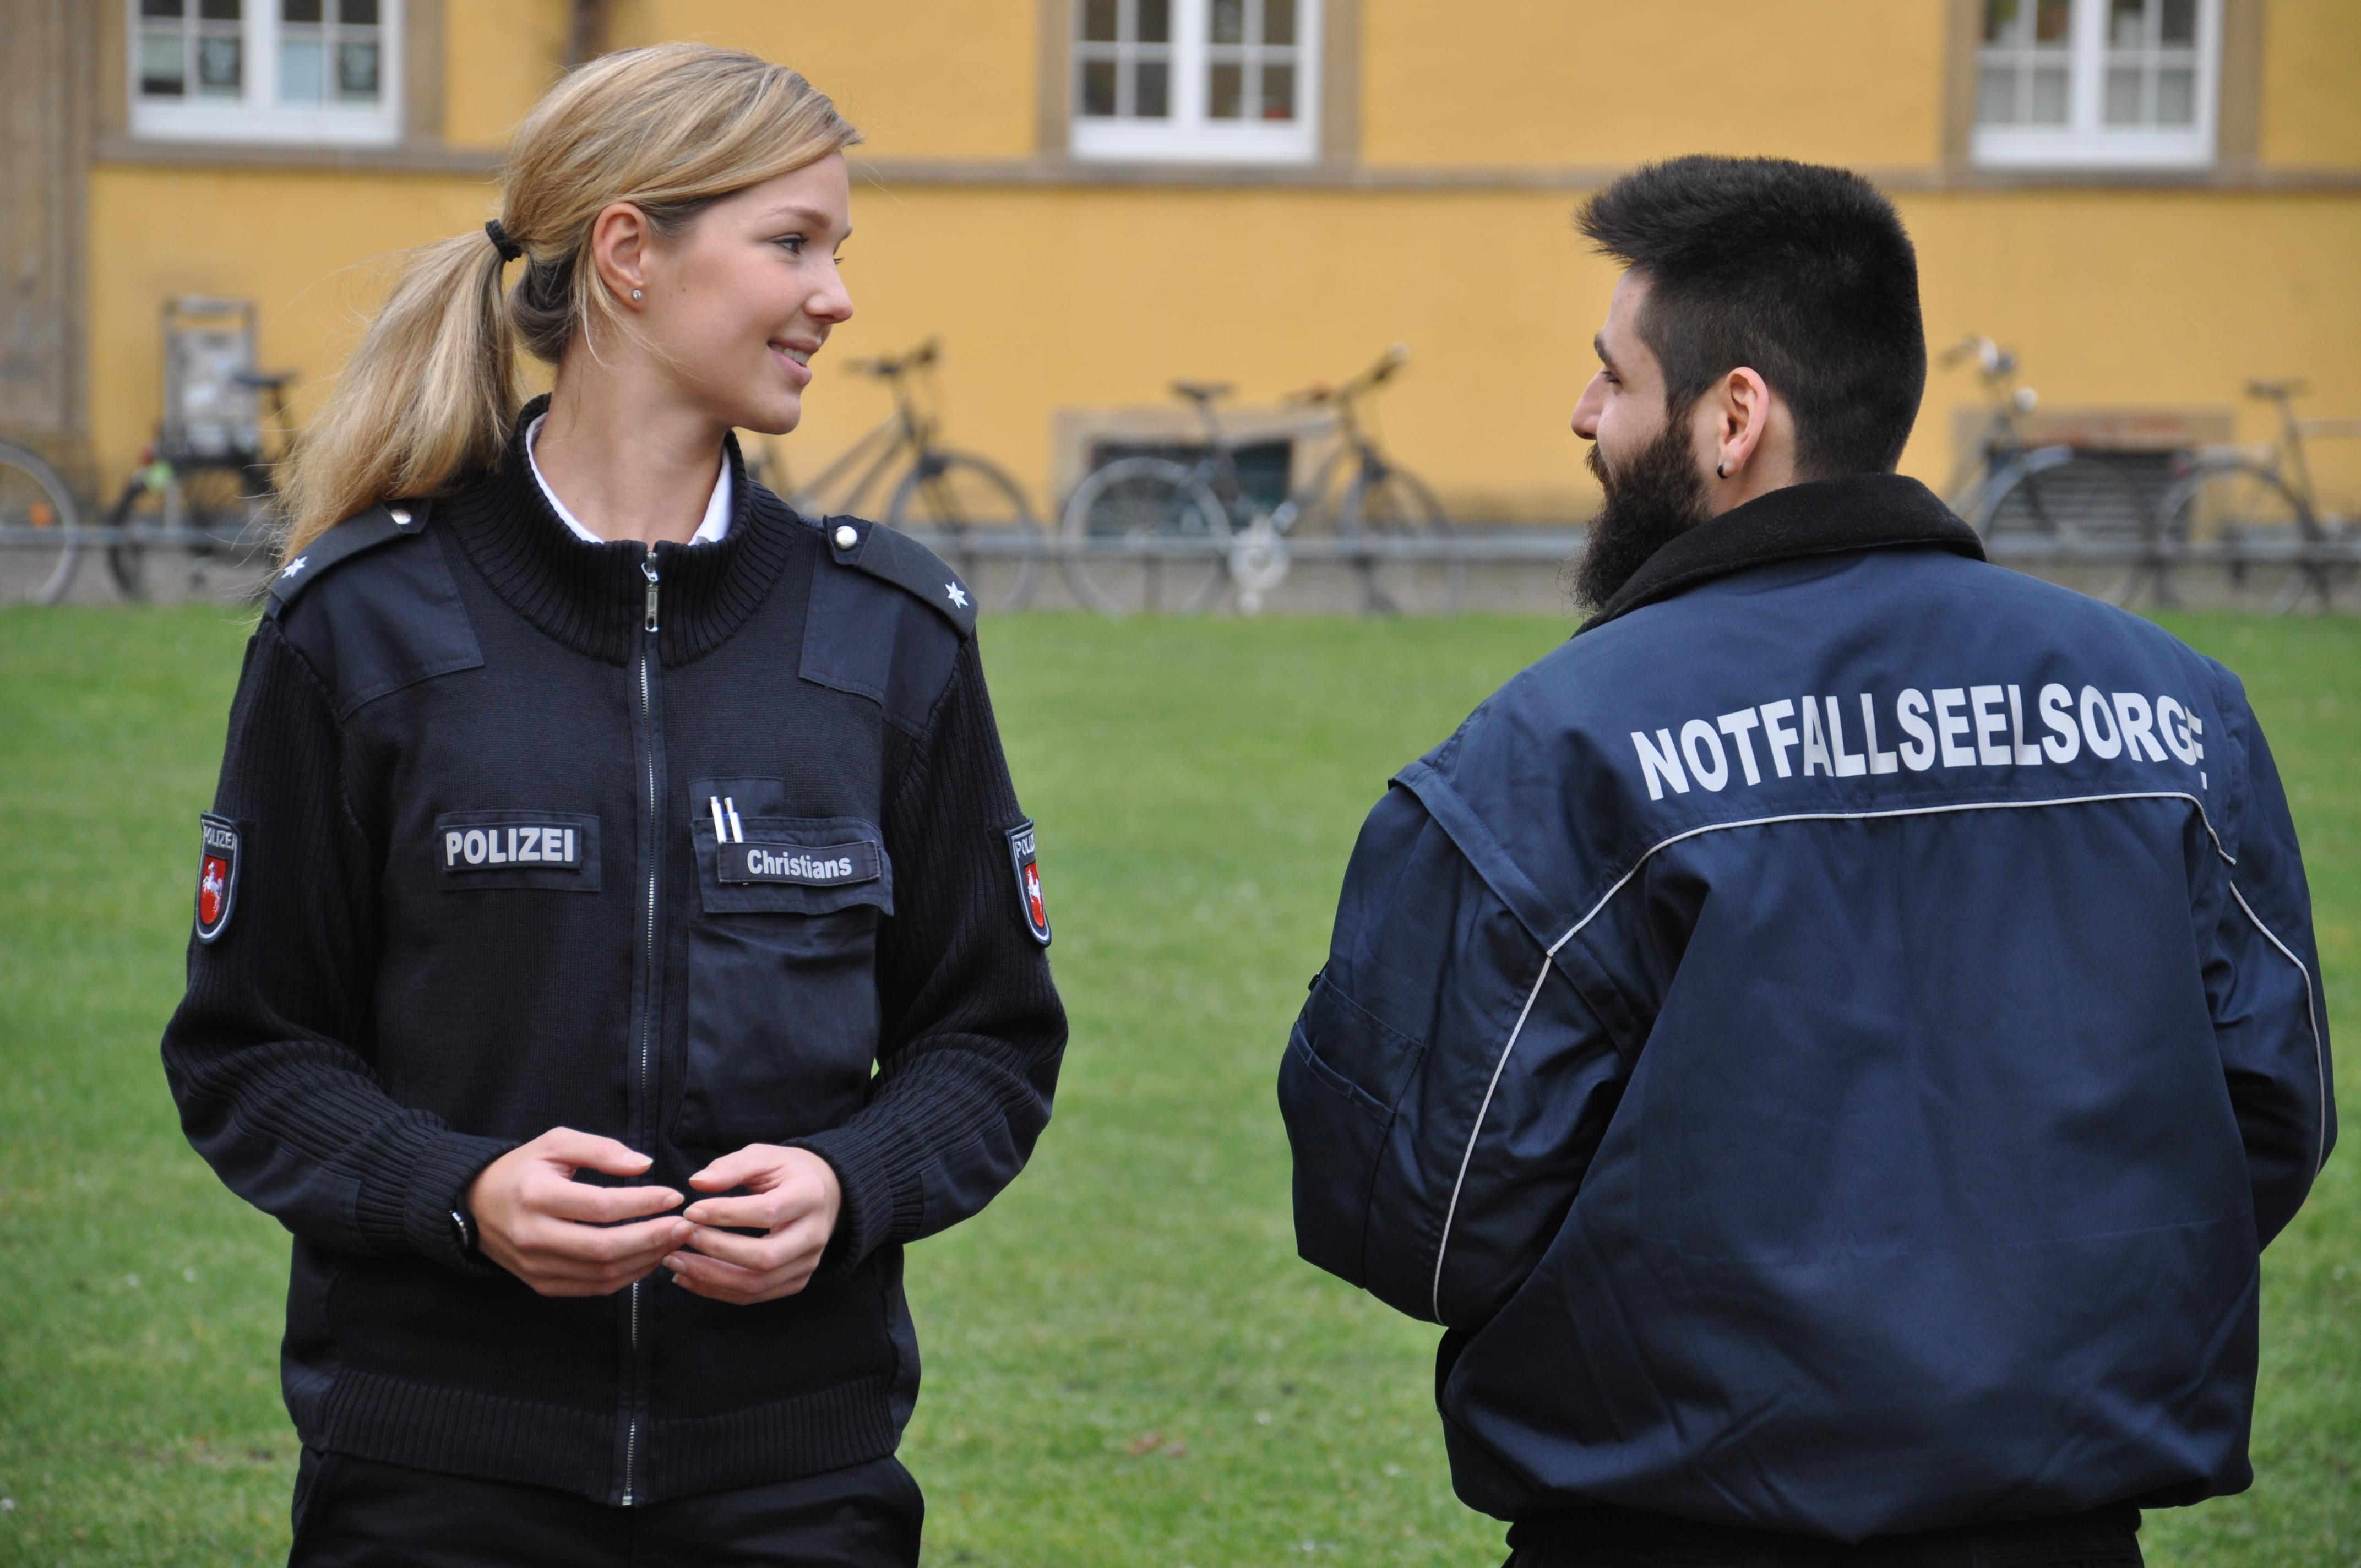 download bild jpg 45 mb - Niedersachsen Polizei Bewerbung